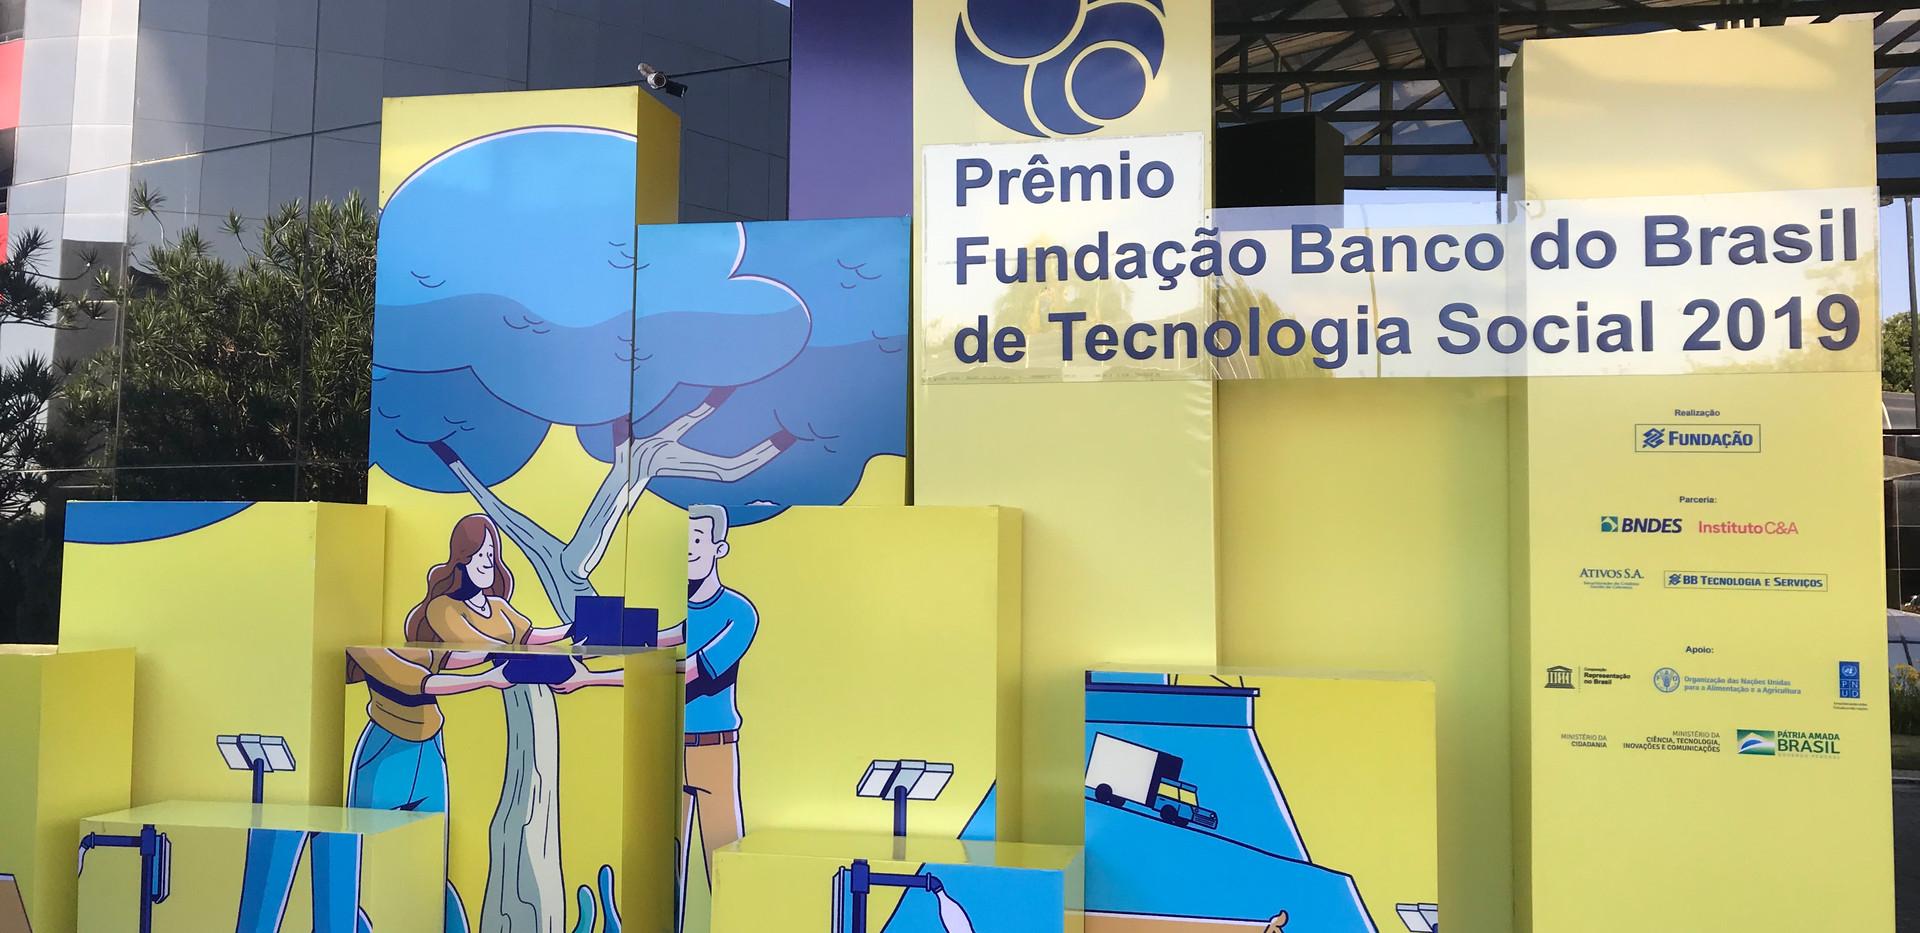 Premio_Fundacao_Banco_do_Brasil_Entrada